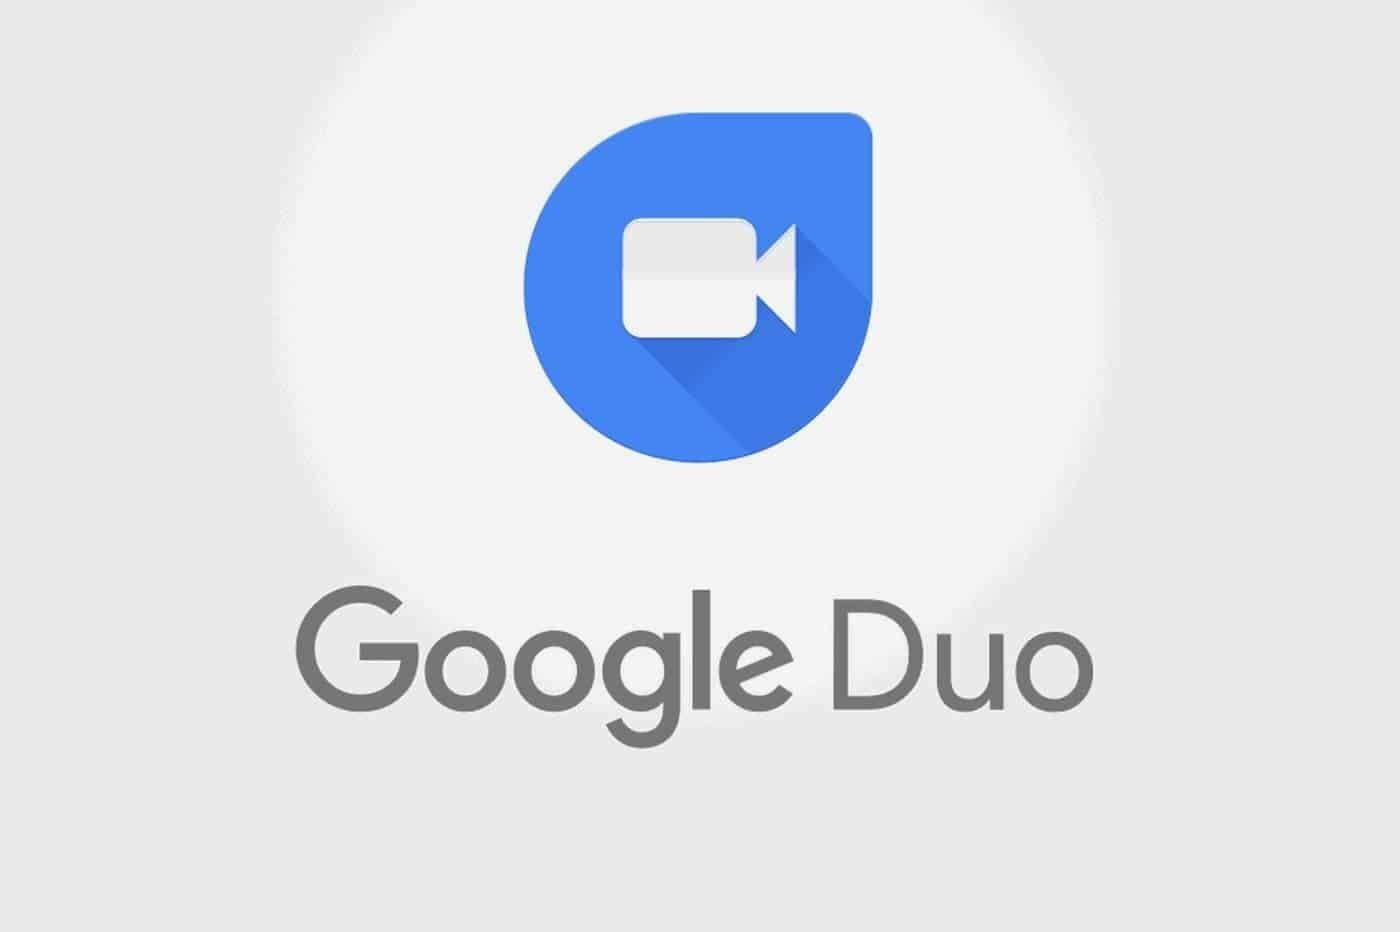 google-duo Google Duo теперь позволяет совершать видеозвонки до 12 человек